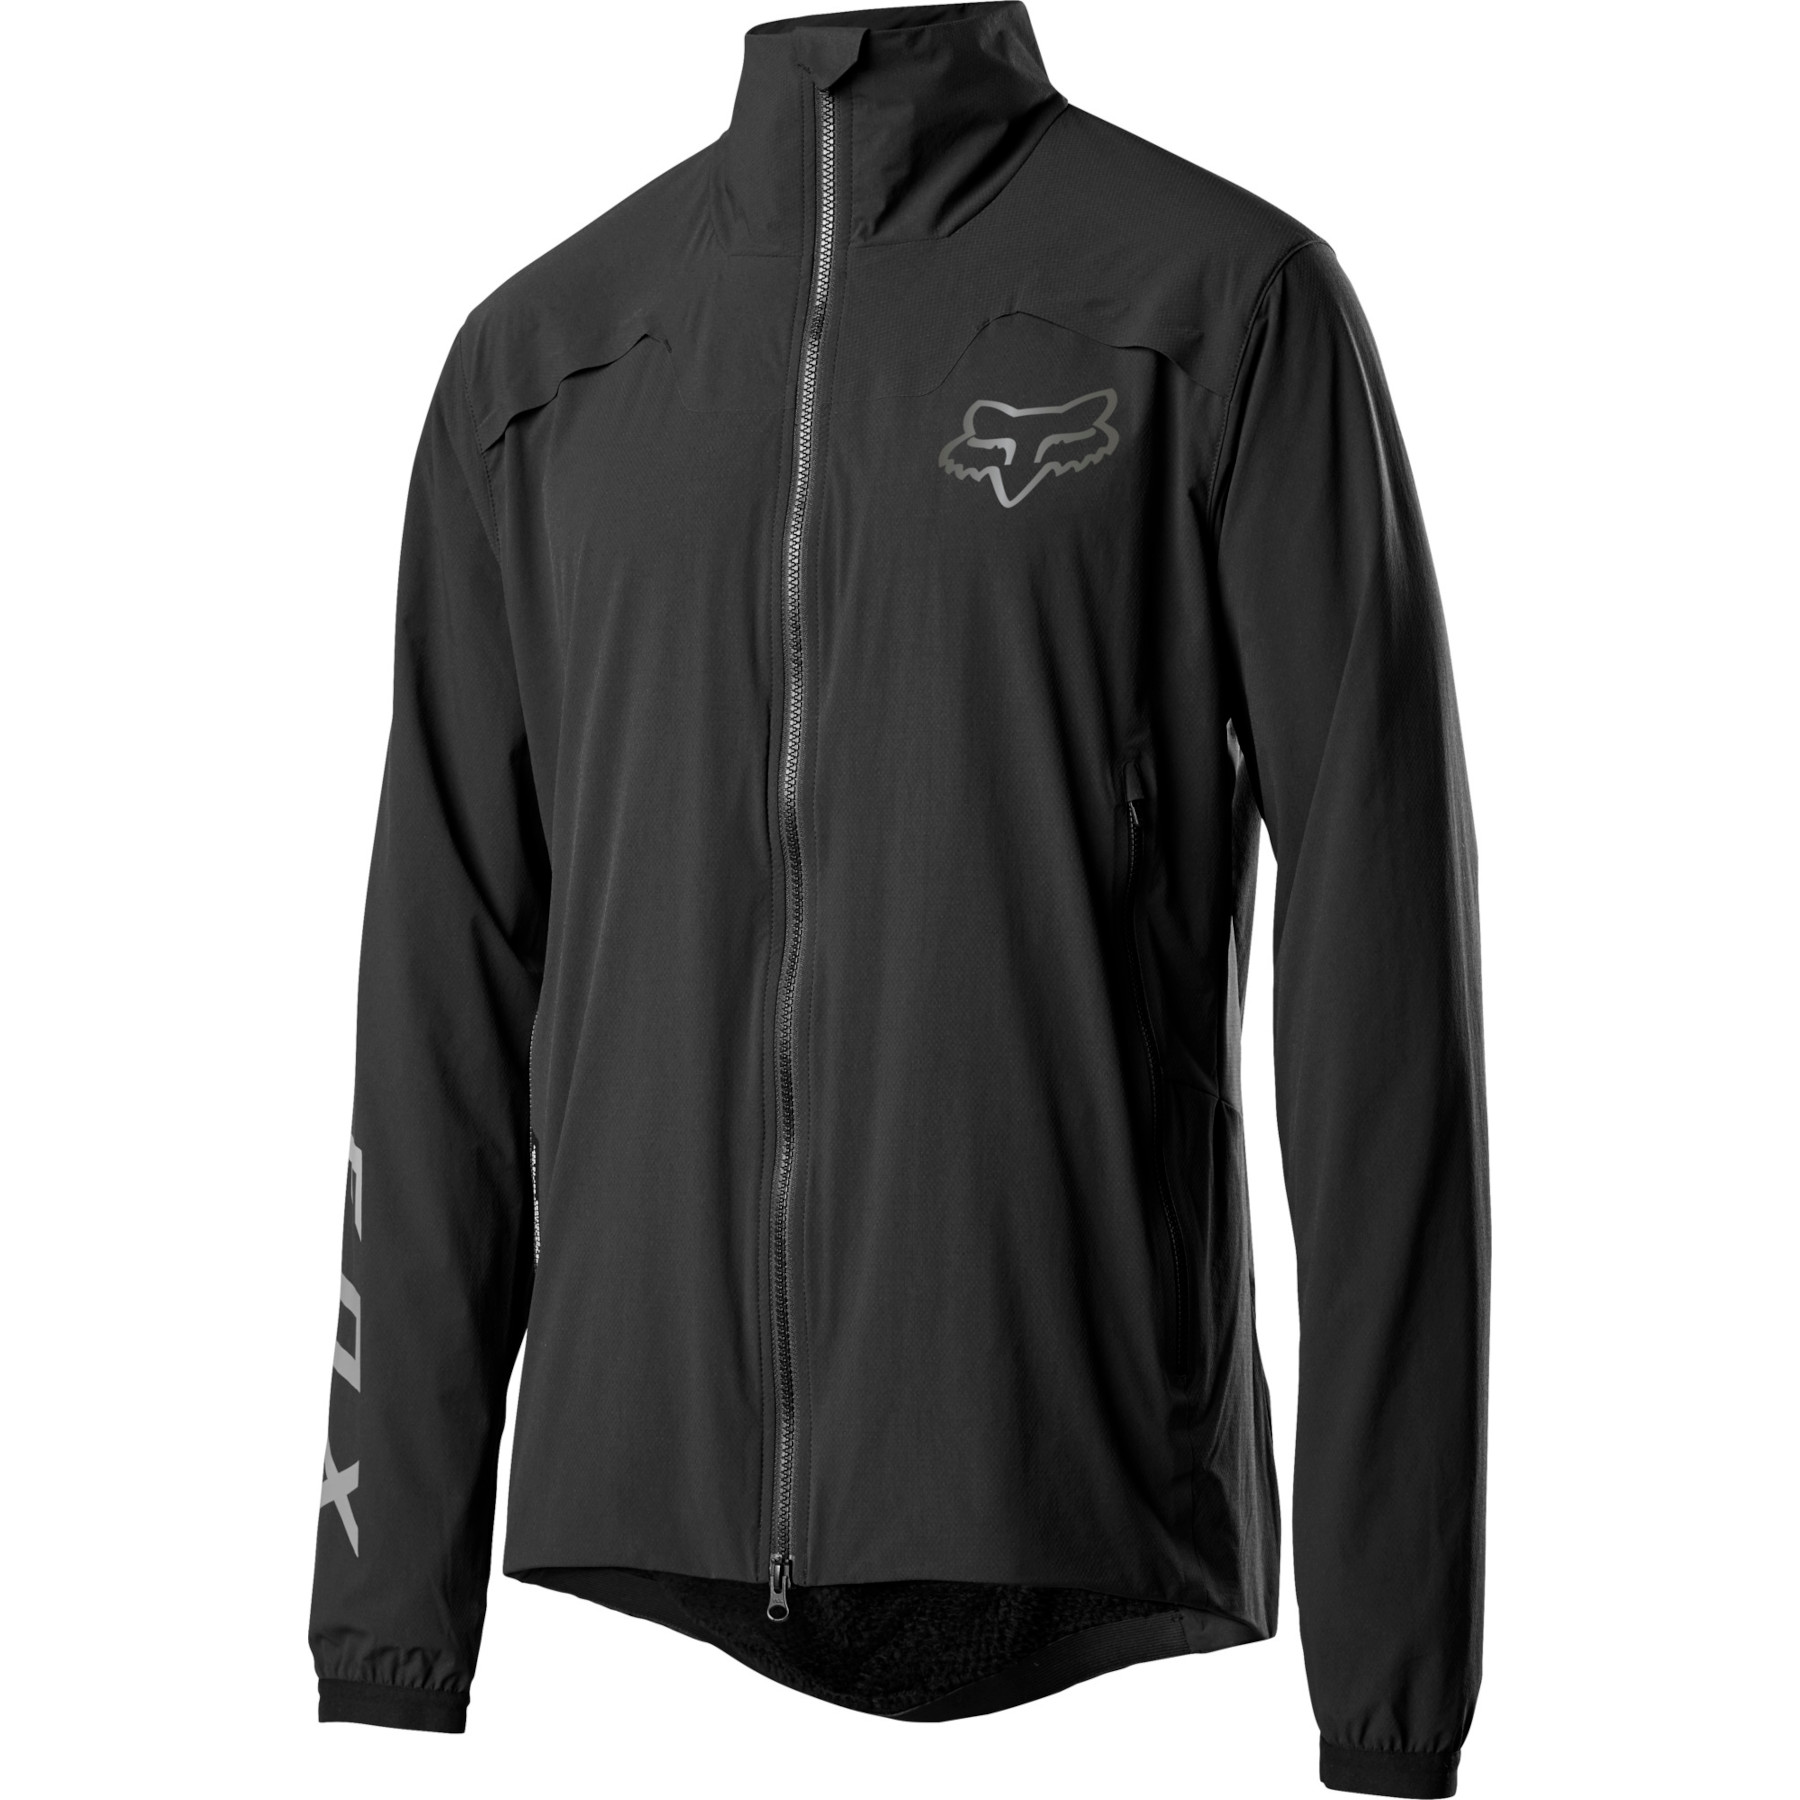 FOX Flexair Pro Fire Alpha MTB Jacket - black